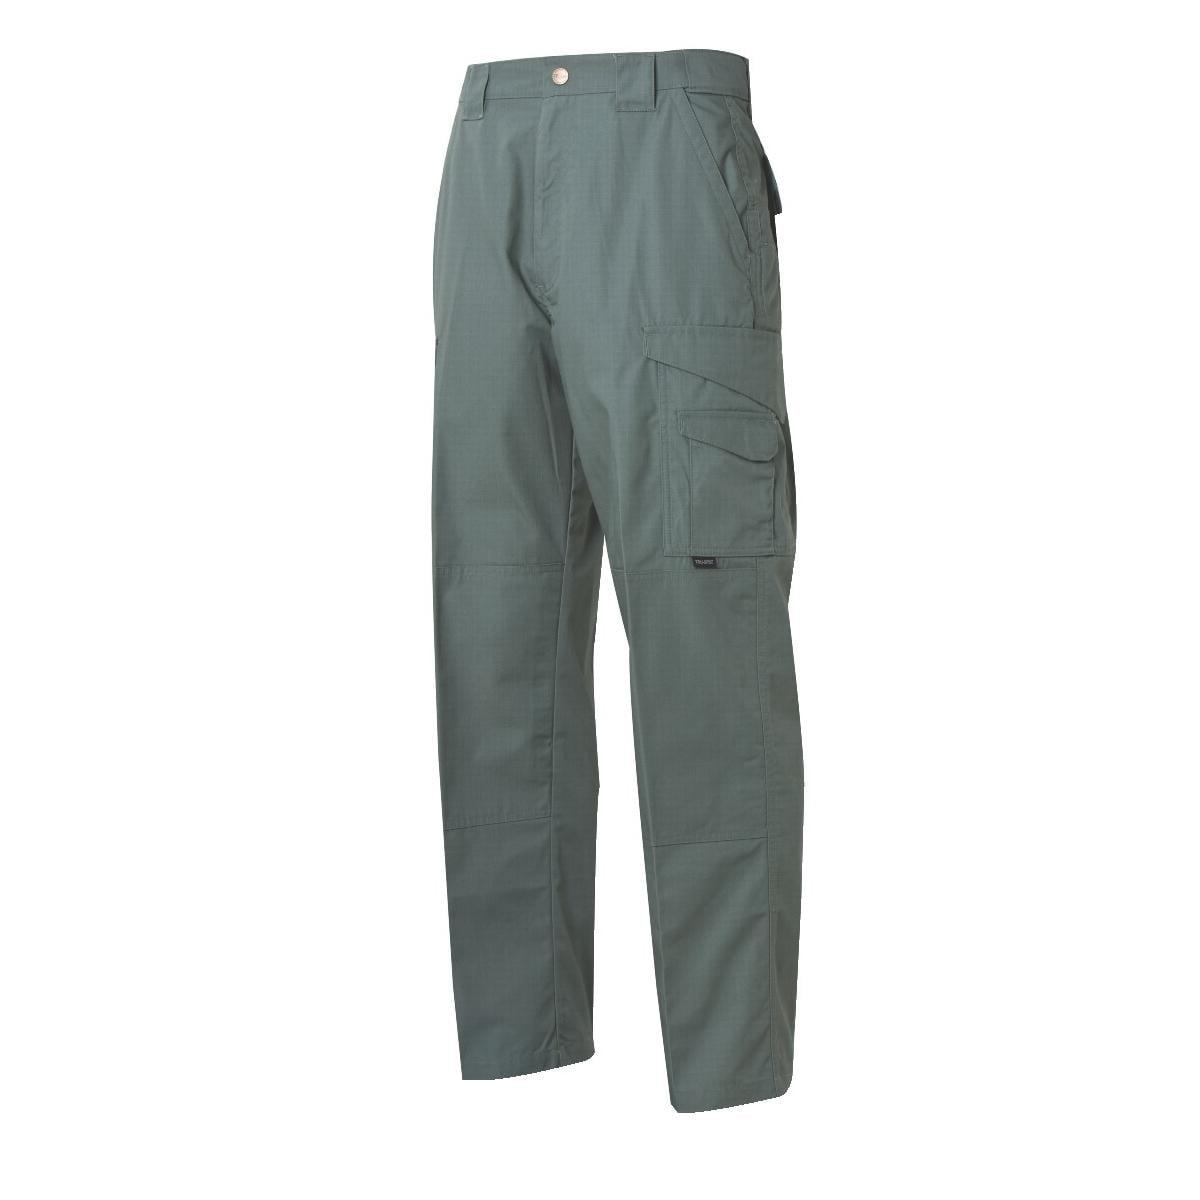 Mens Tru-Spec 24-7 Tactical Pants, Olive, Rip-Stop